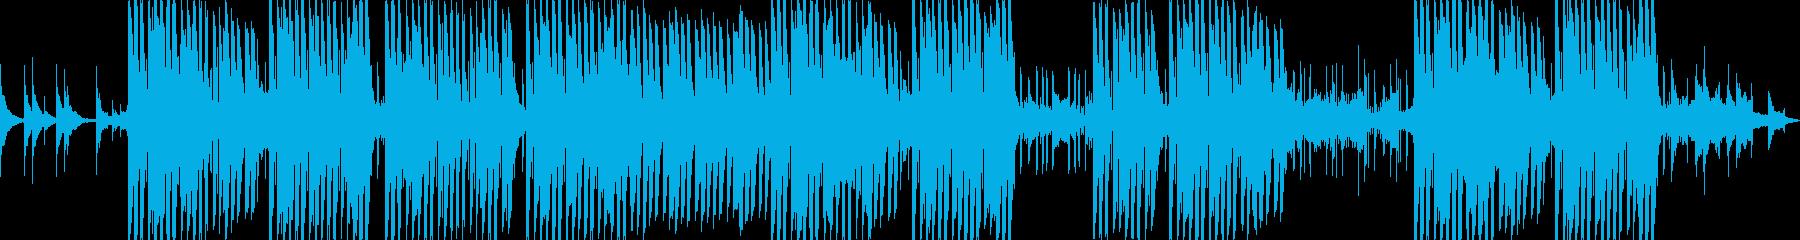 浮遊感のあるシンセが印象的なトラップの再生済みの波形